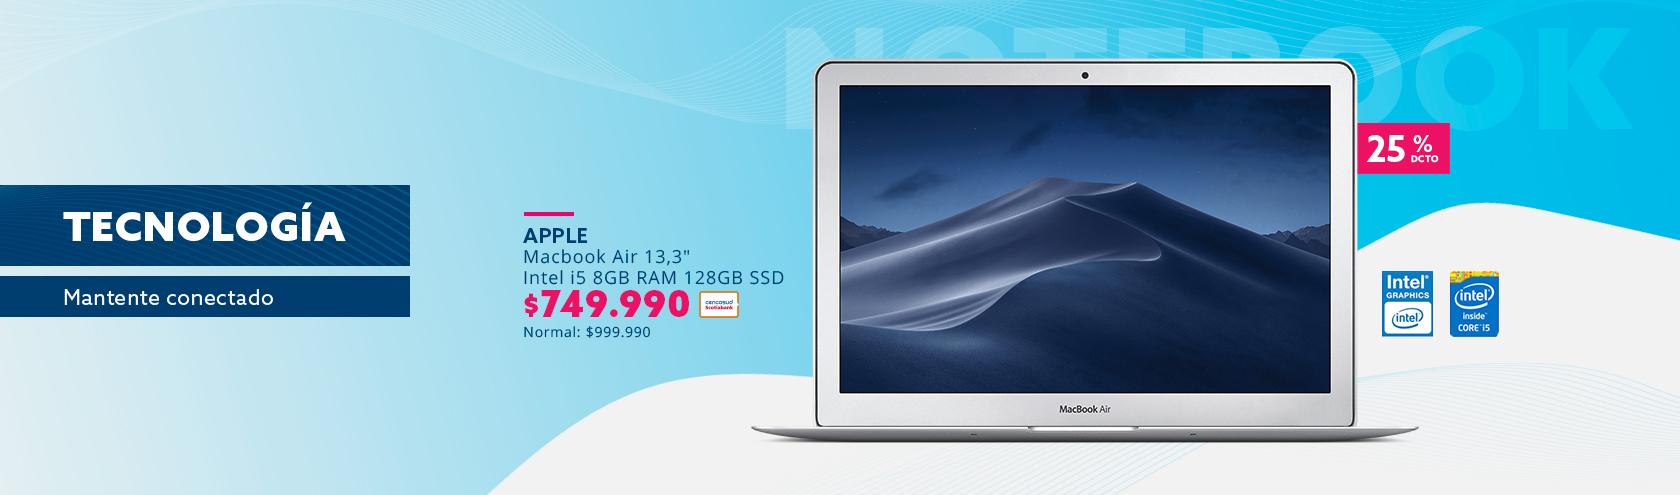 Macbook Air a $749.999 con Tarjeta Cencosud